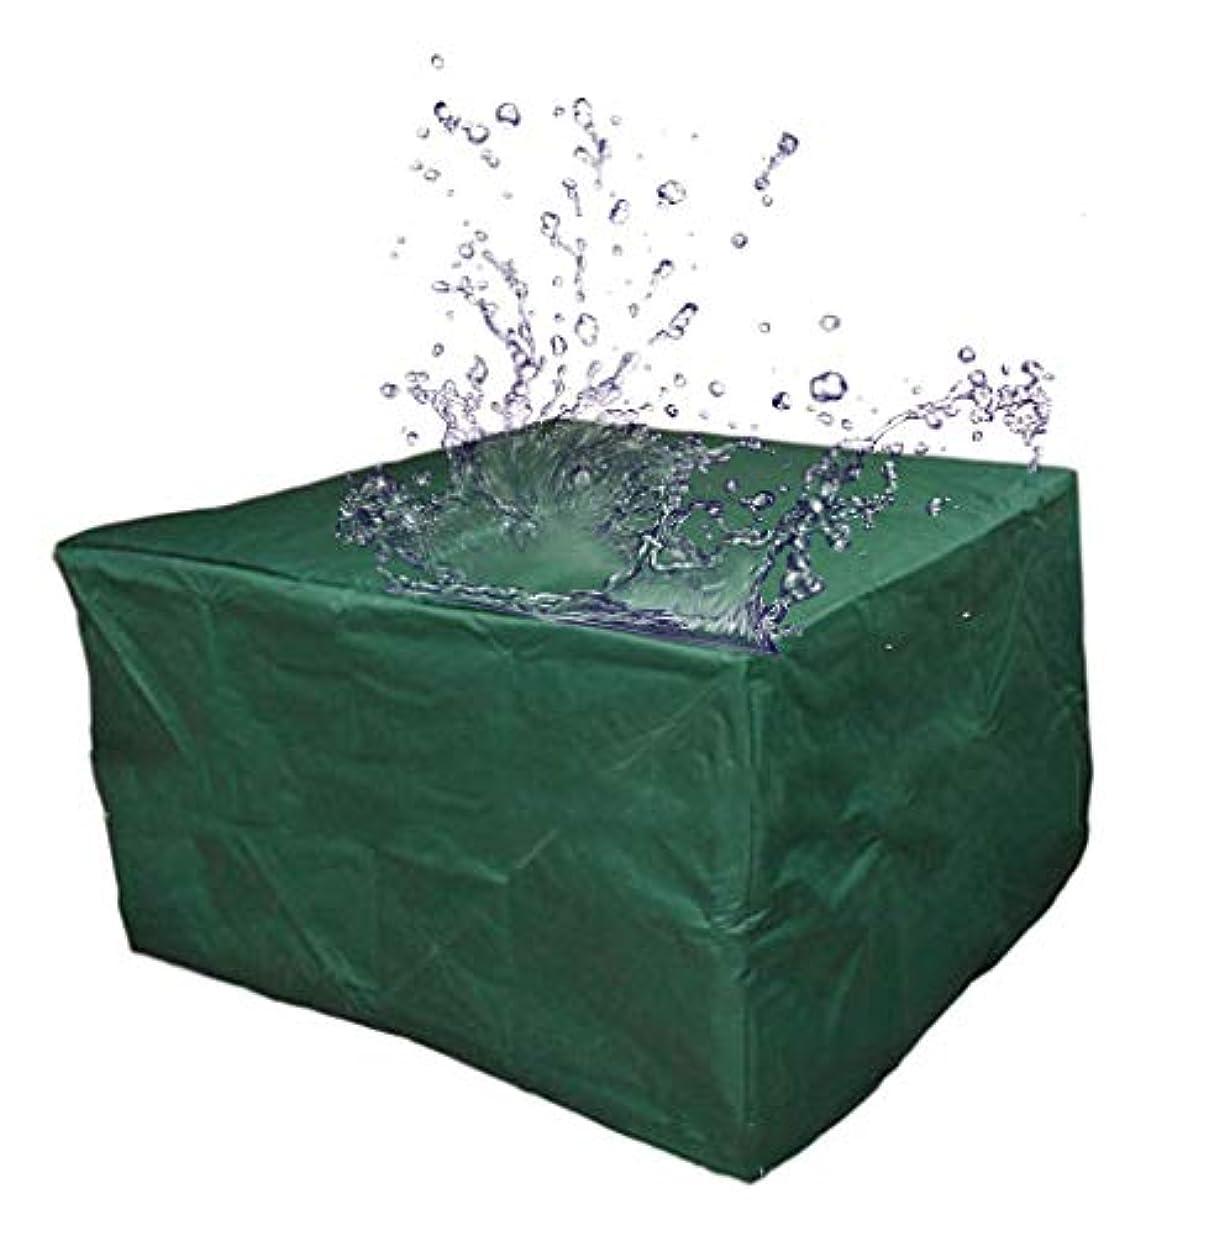 決定冷酷な提案するWCH 屋外テント屋外ナイトライト防水カバーダストカバーオーニング雨防水シート